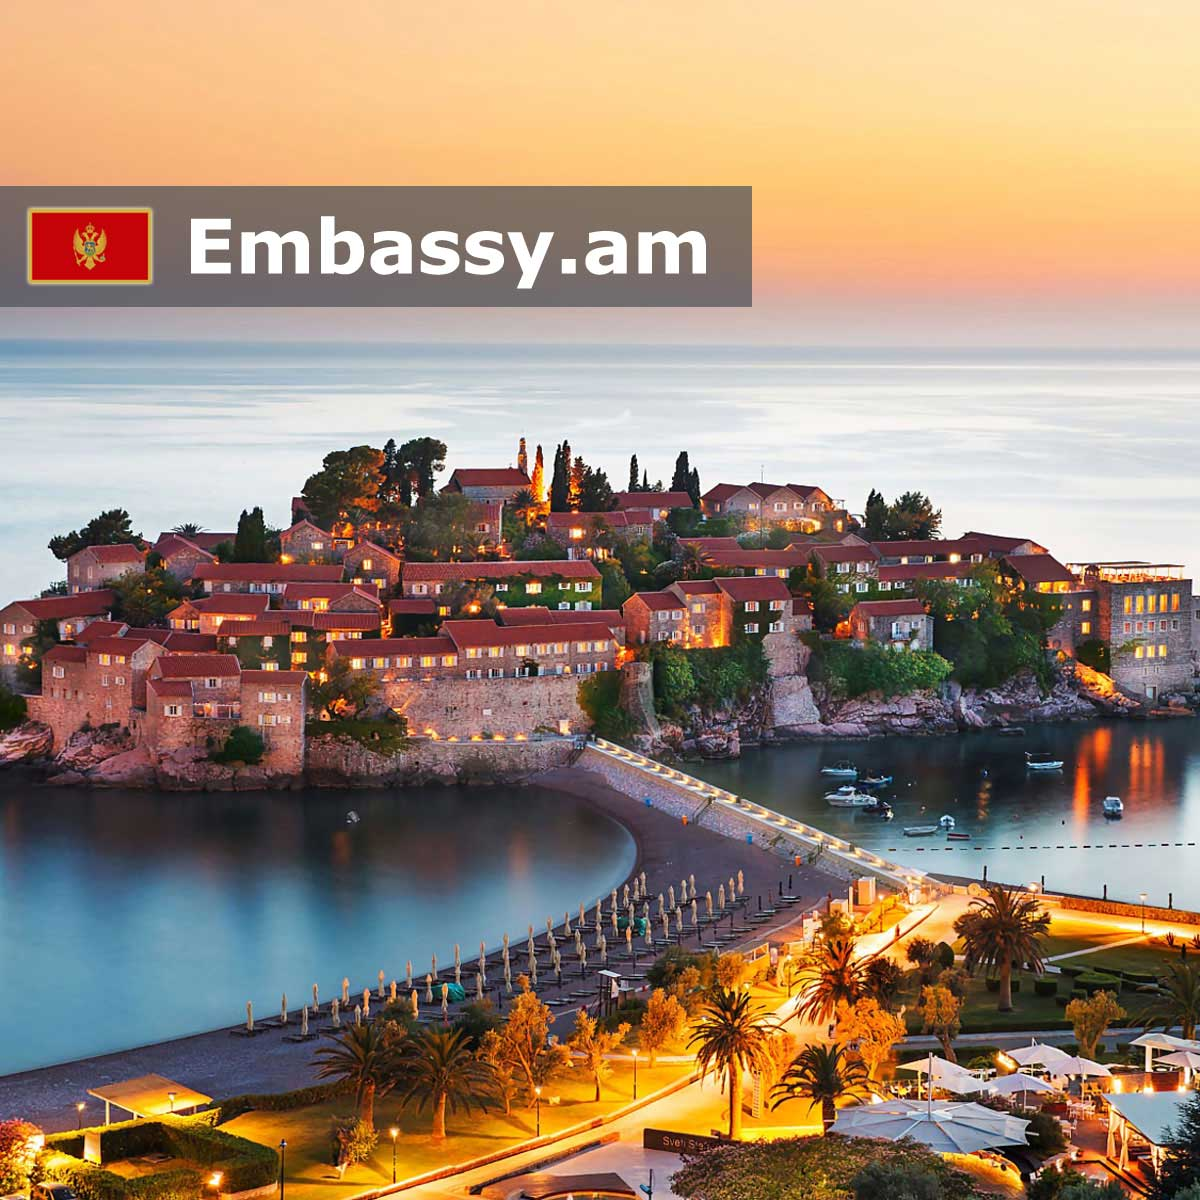 Sveti-stefan - Hotels in Montenegro - Embassy.am